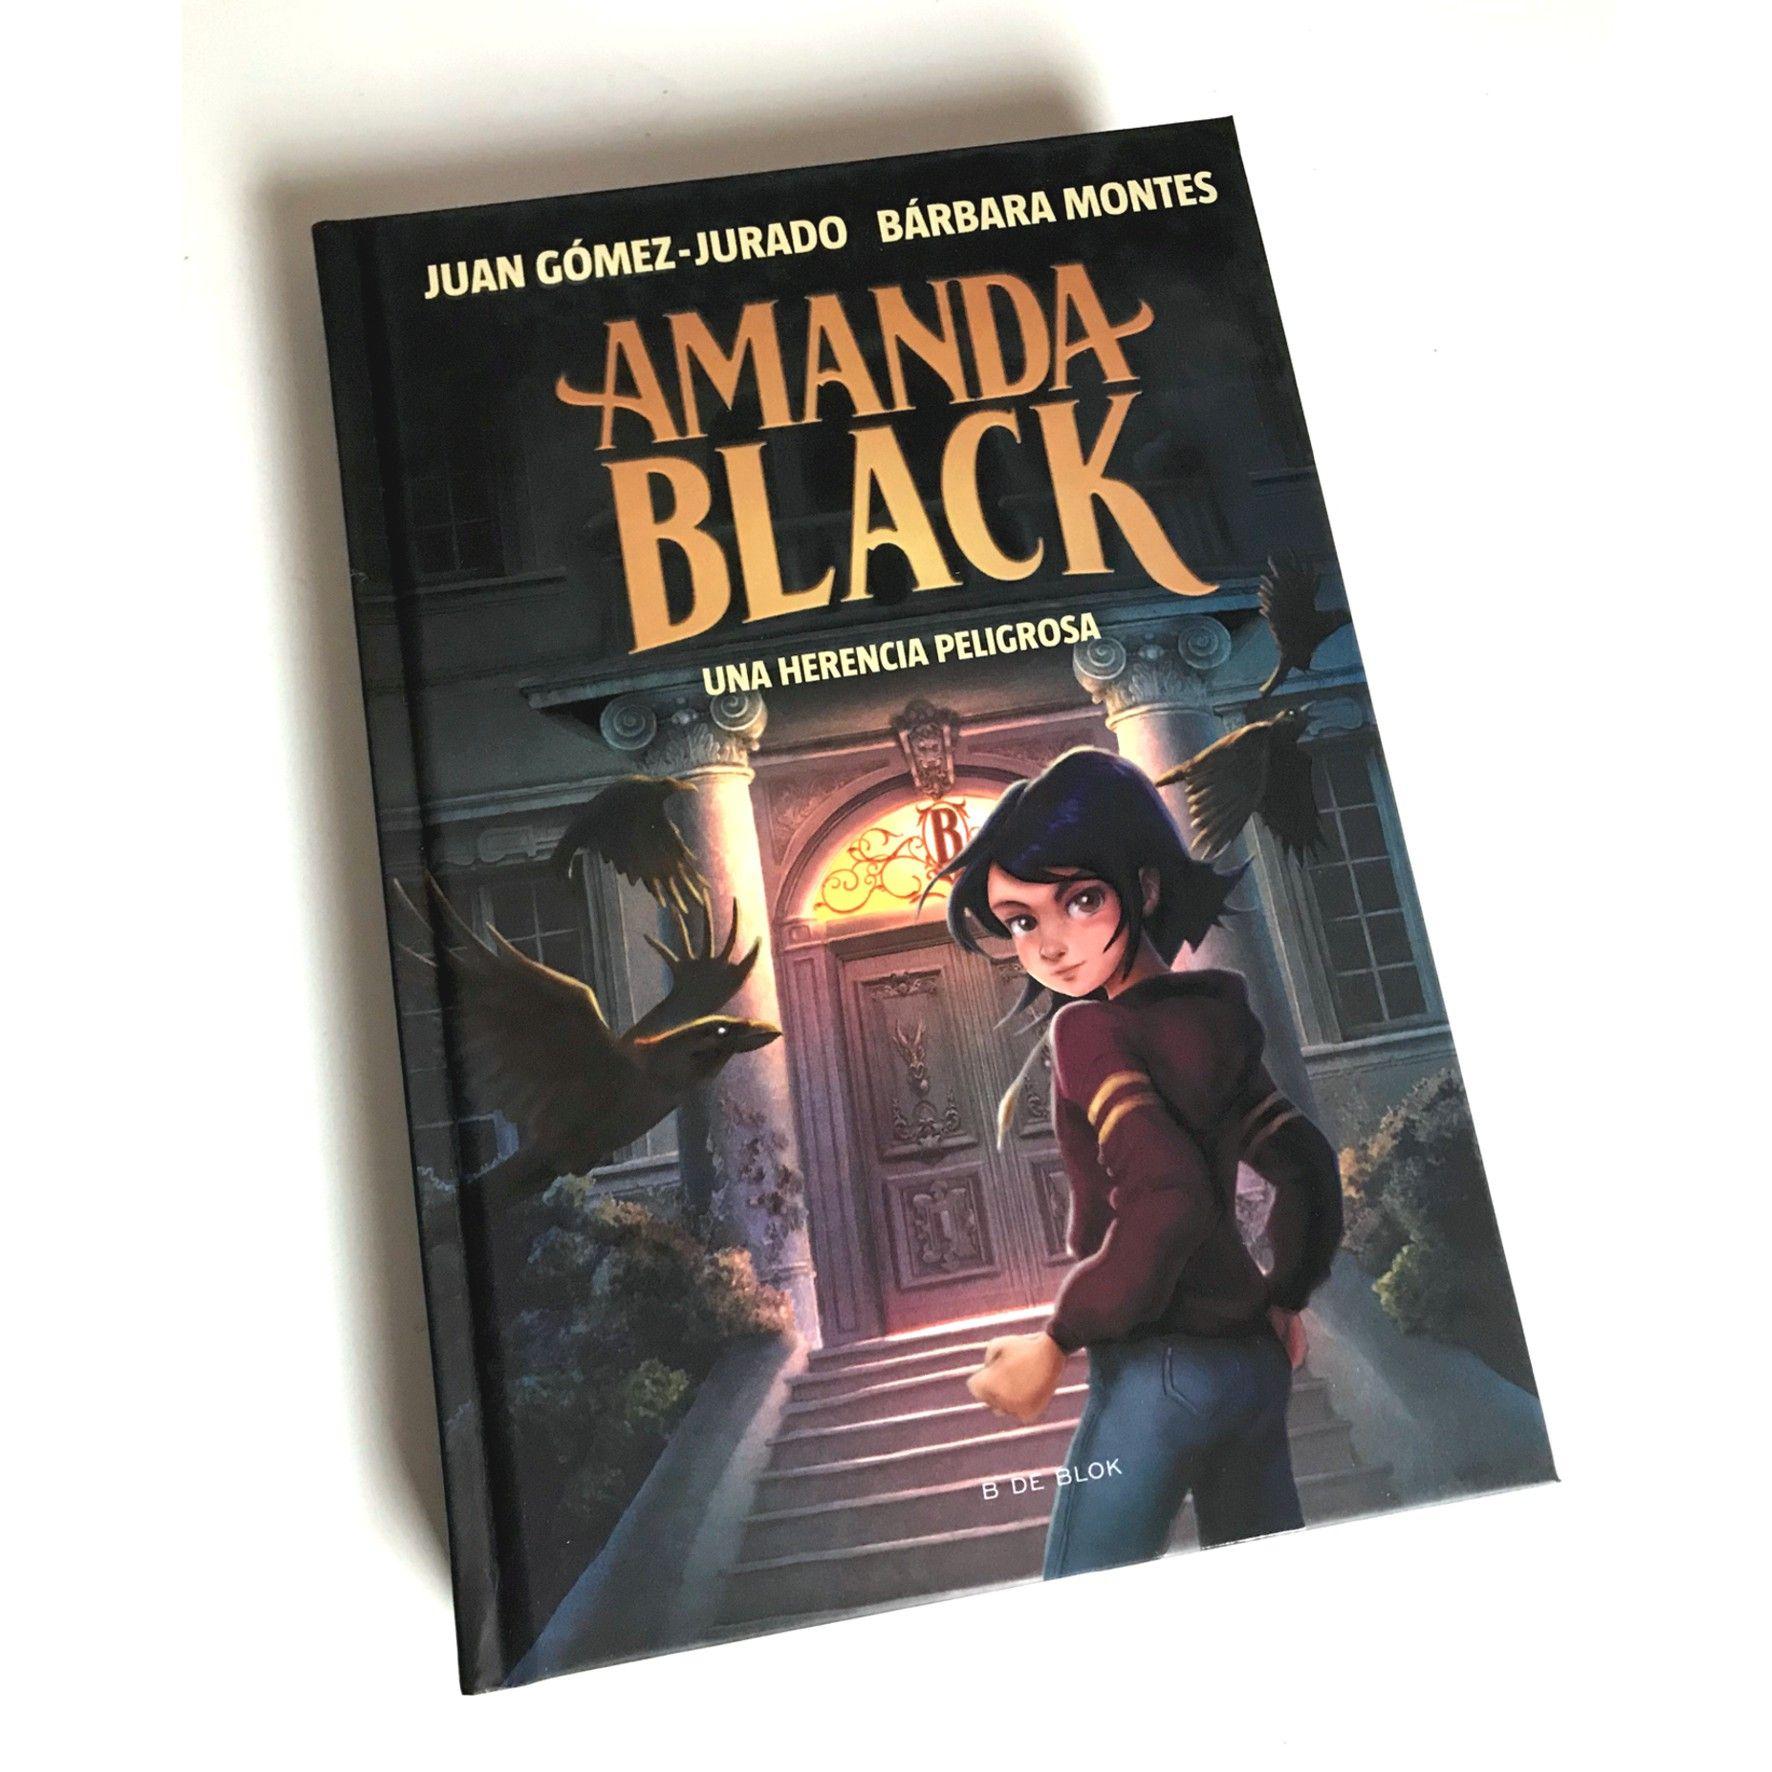 Amanda Black - Una herencia peligrosa - portada libro